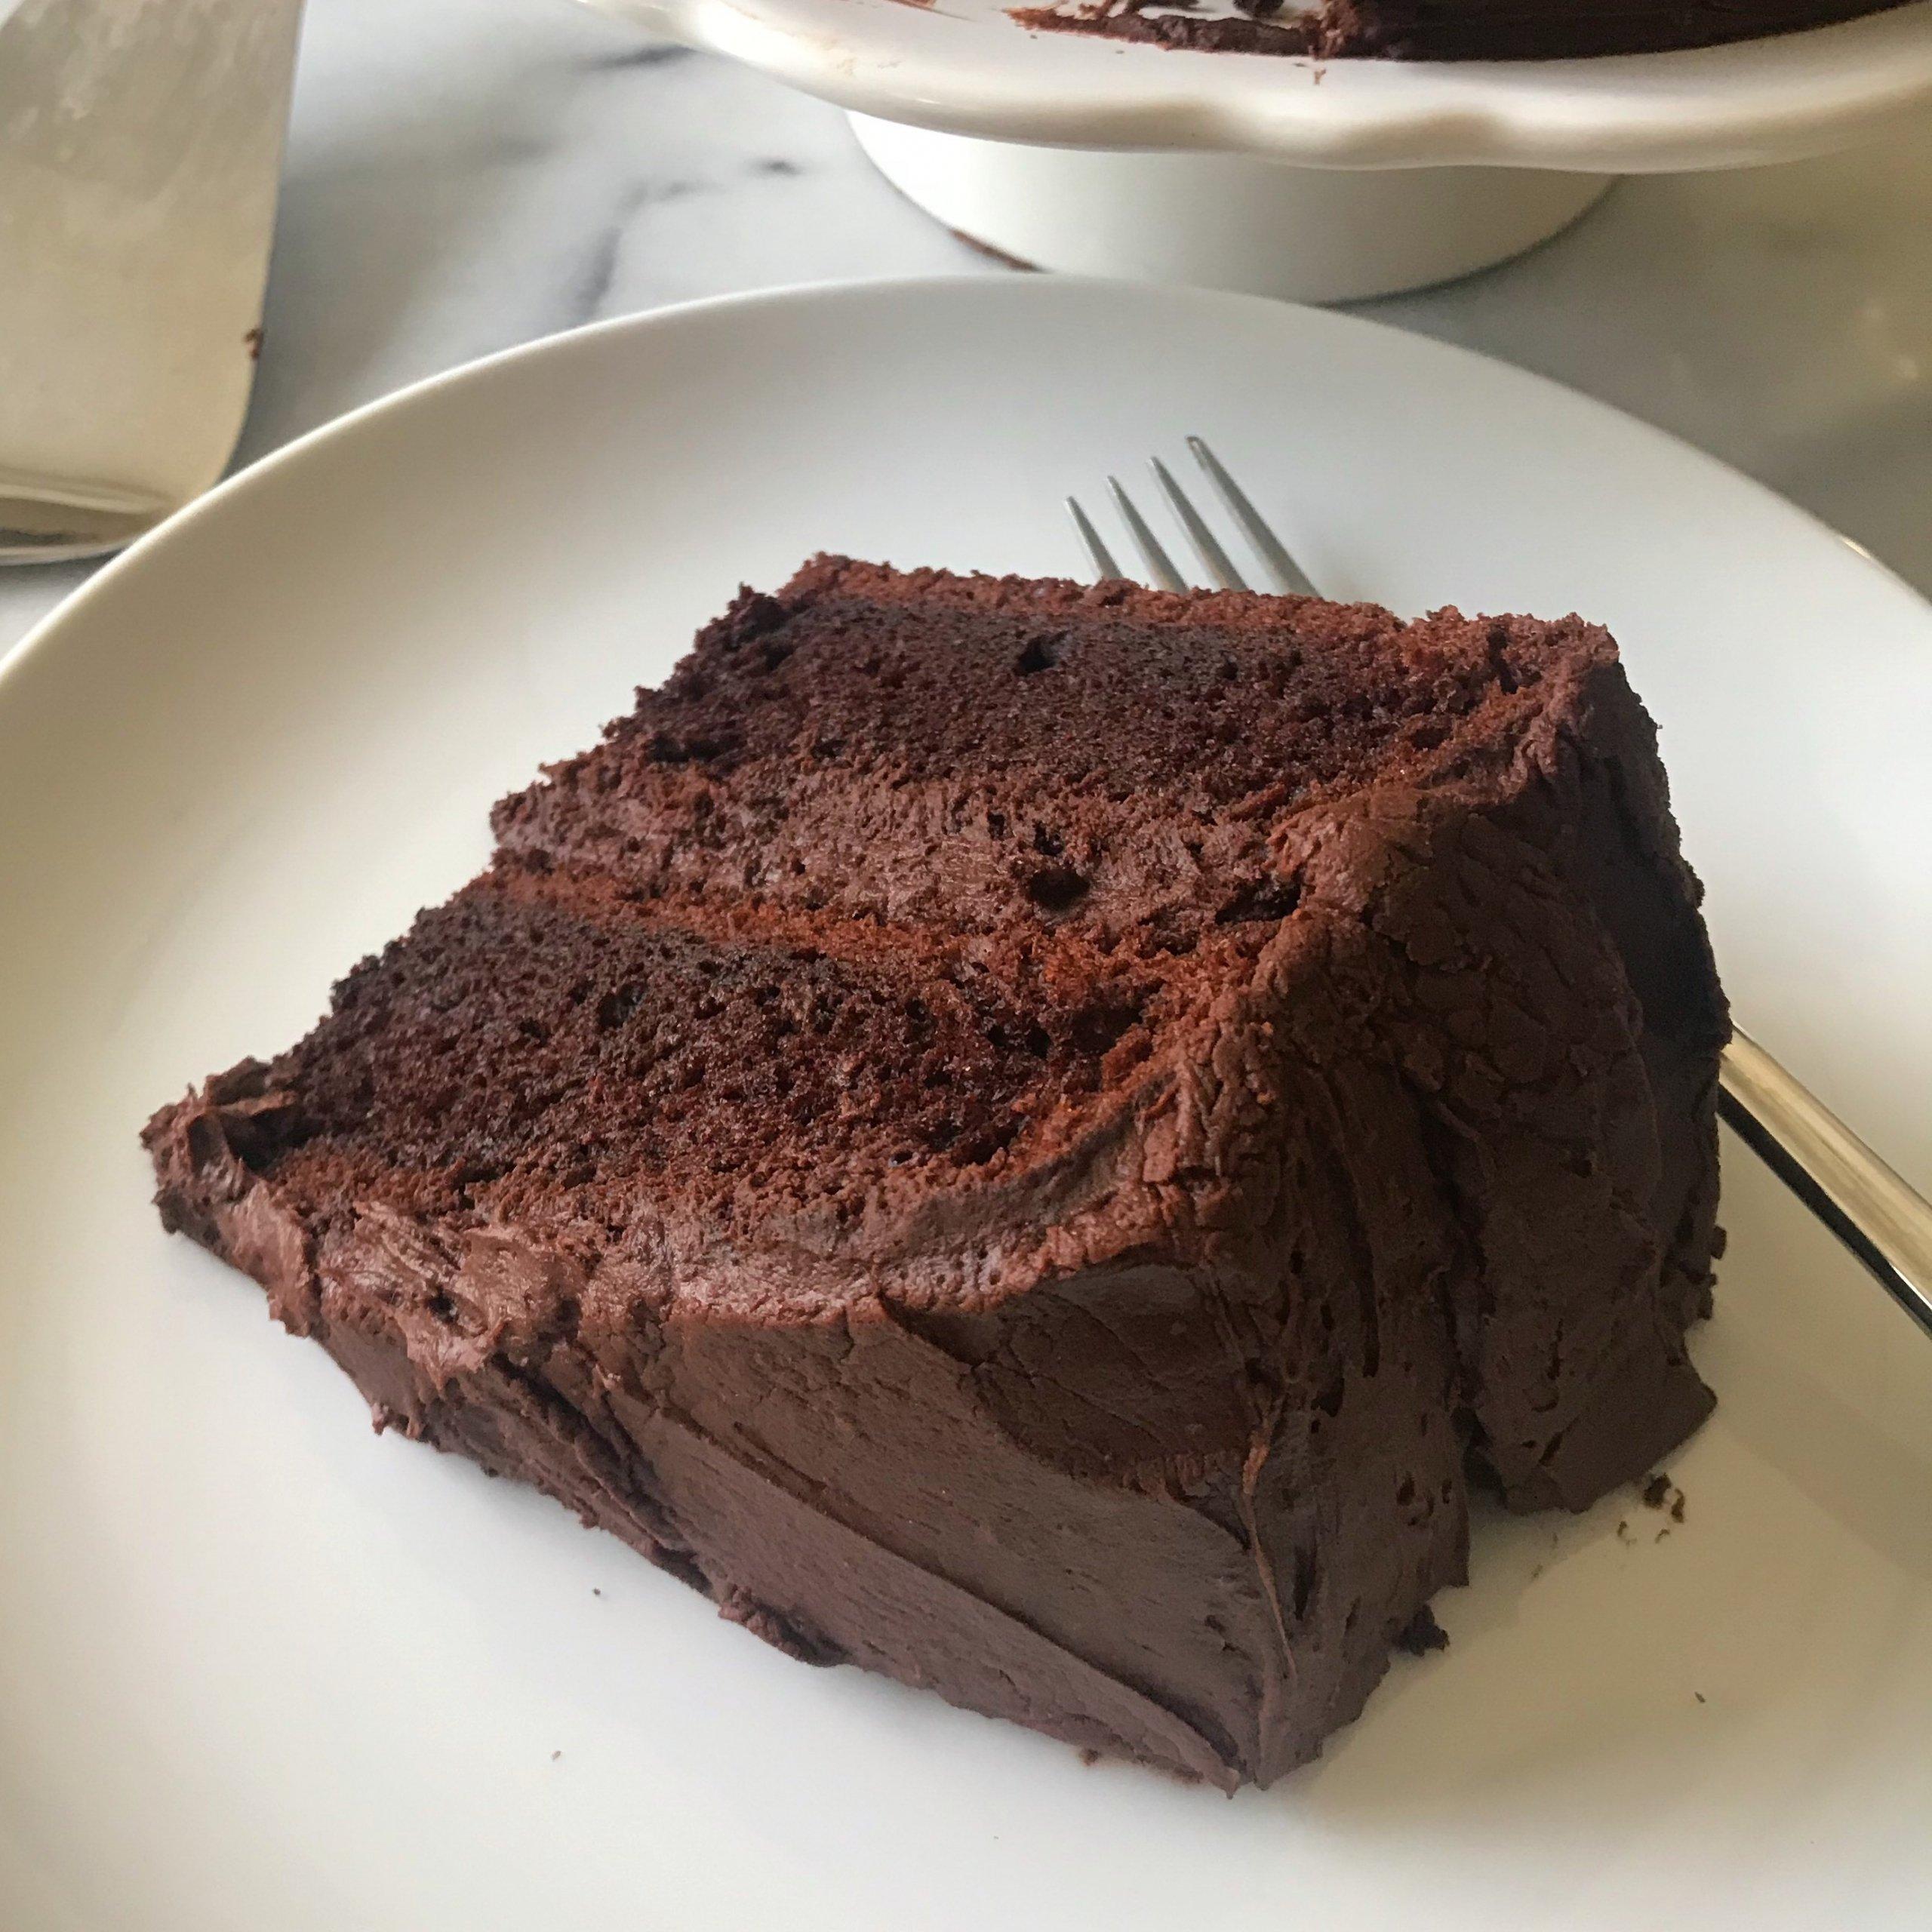 Best Chocolate Cake www.healthygffamily.com